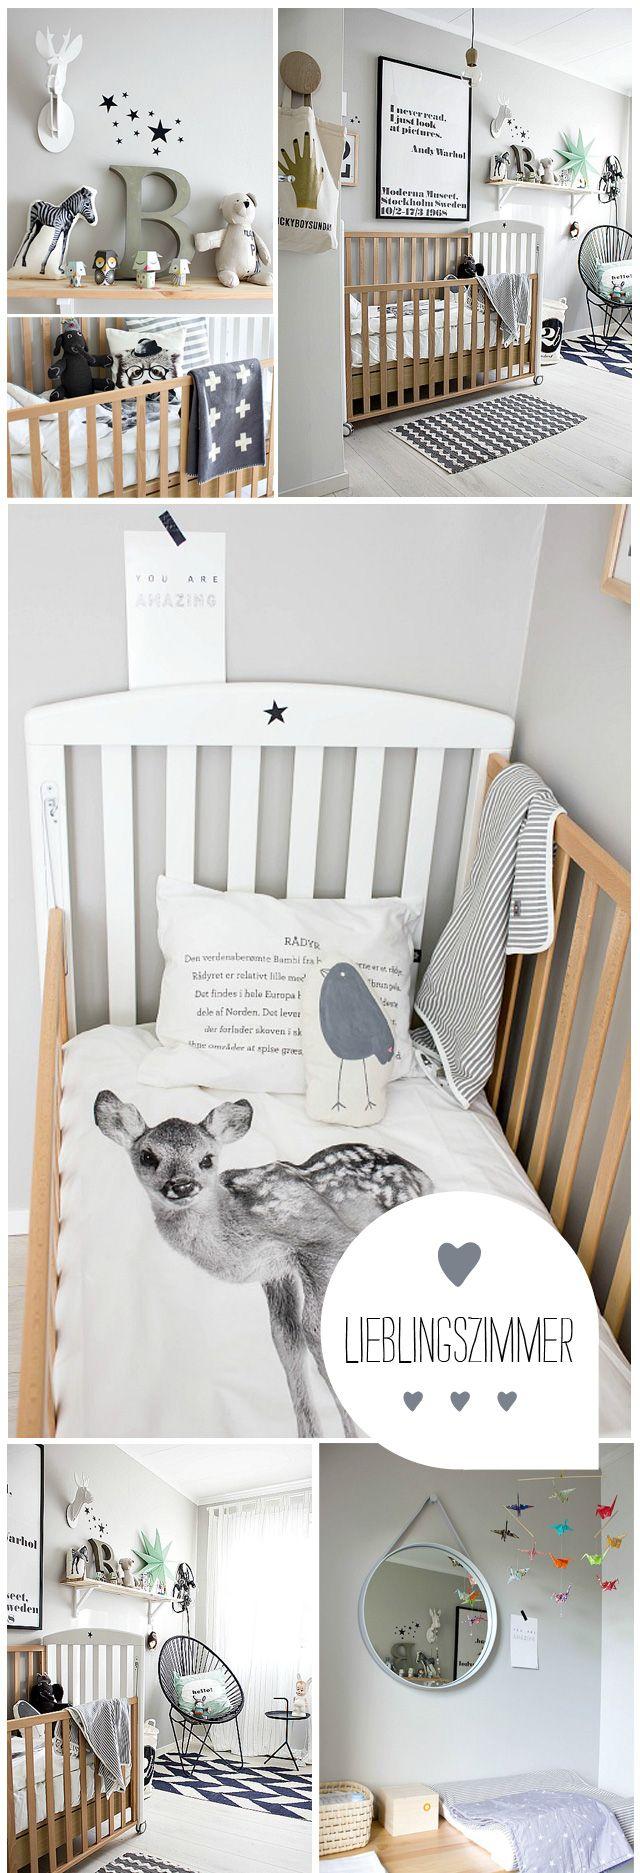 lieblingszimmer_penelope-home_baby